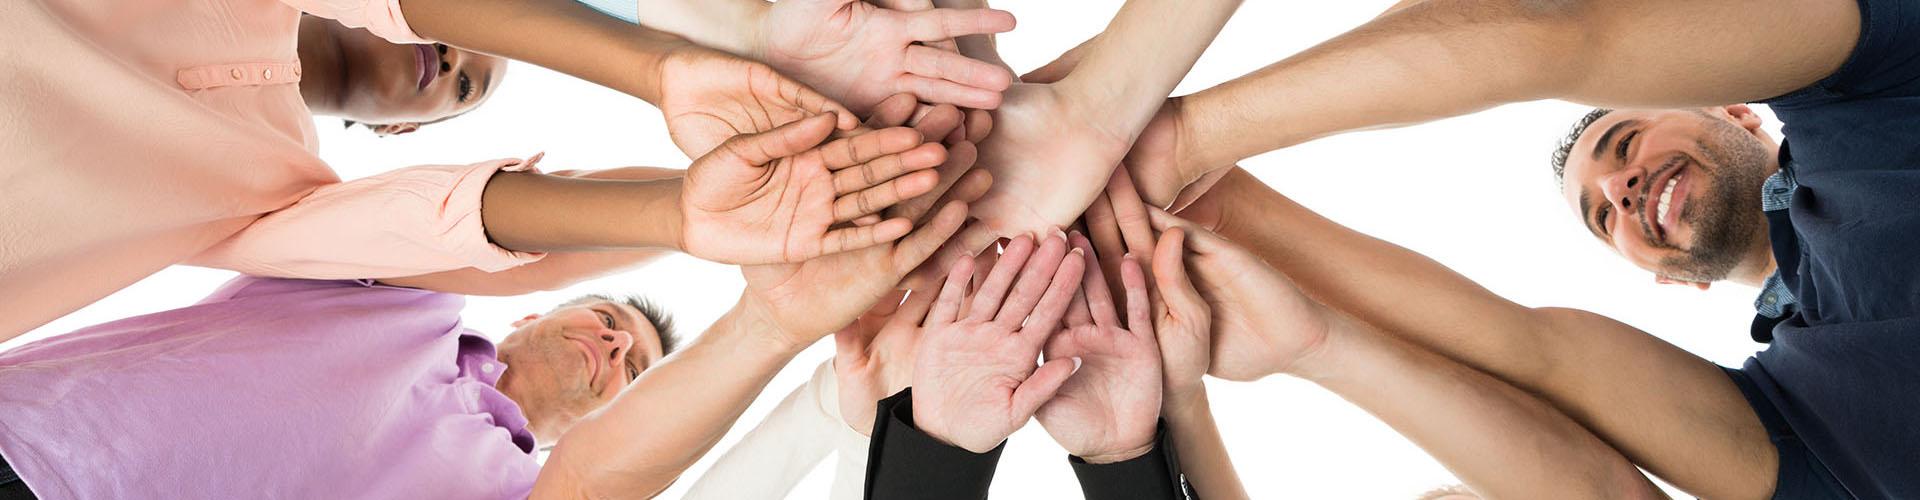 Sociaali- ja terveysalan palvelut maakunnille - Sociala Oy